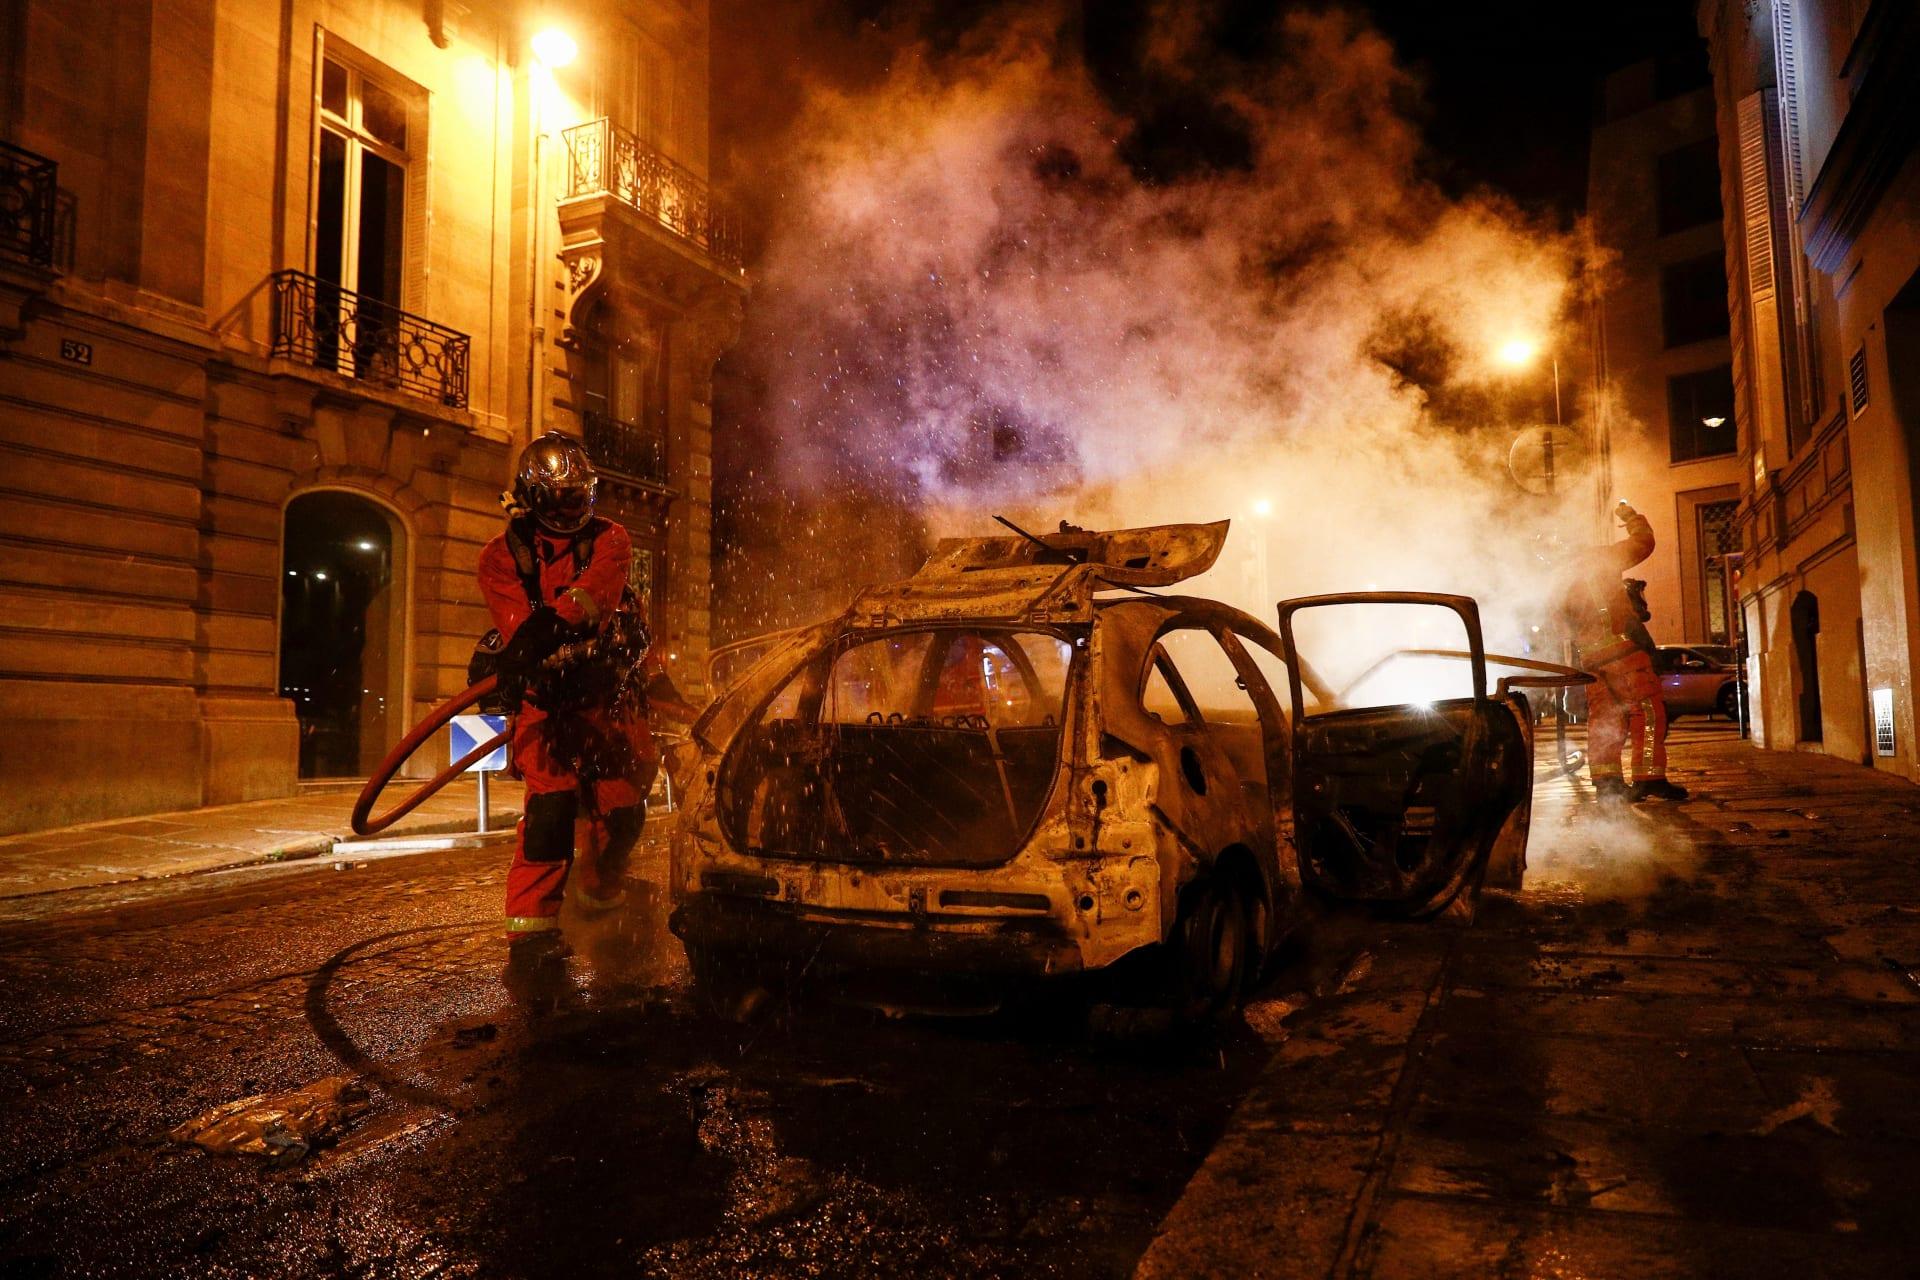 أعمال شغب ومواجهات بالعاصمة الفرنسية في أعقاب هزيمة باريس سان جيرمان في نهائي دوري الأبطال